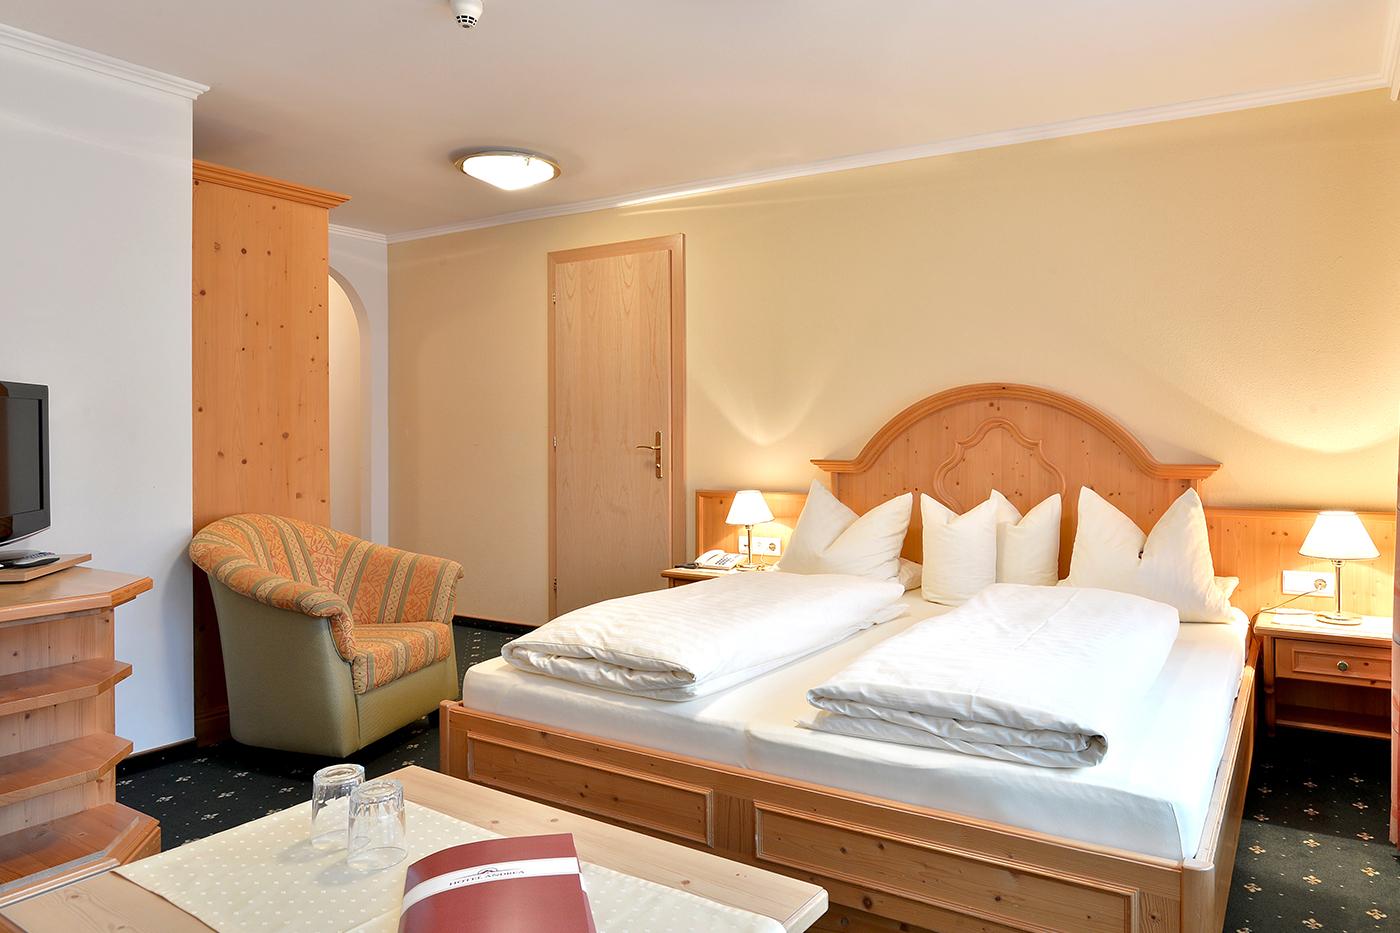 Doppelzimmer & einzelzimmer im hotel andrea